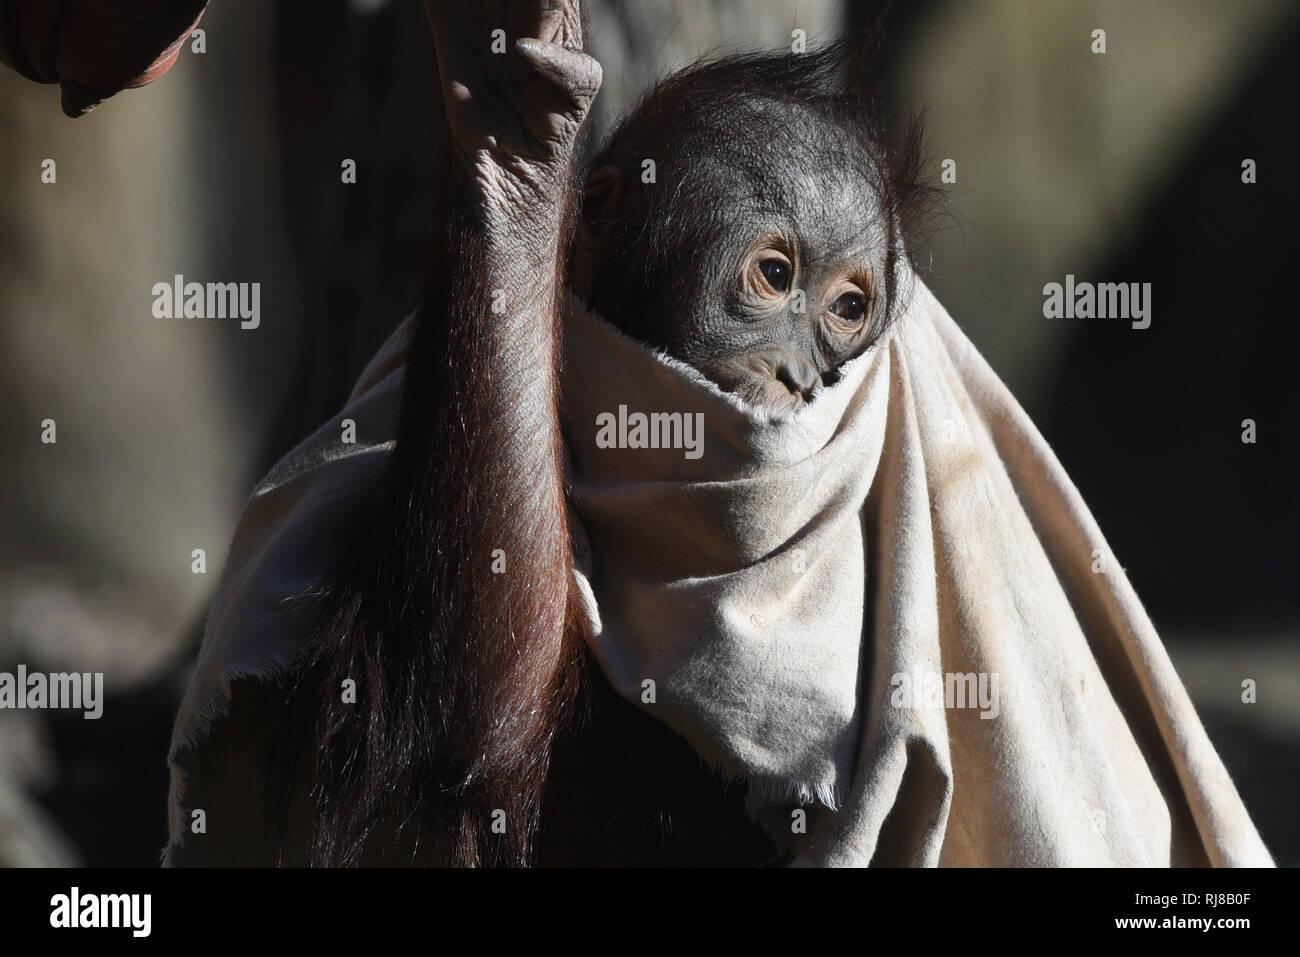 La hembra Borneo orangutan 'Sabah' visto que cubre su cabeza y su cuerpo con una sábana en un soleado día de invierno en el zoológico de Madrid, donde alcanza temperaturas de hasta 17ºC grados durante las horas de la tarde. Imagen De Stock